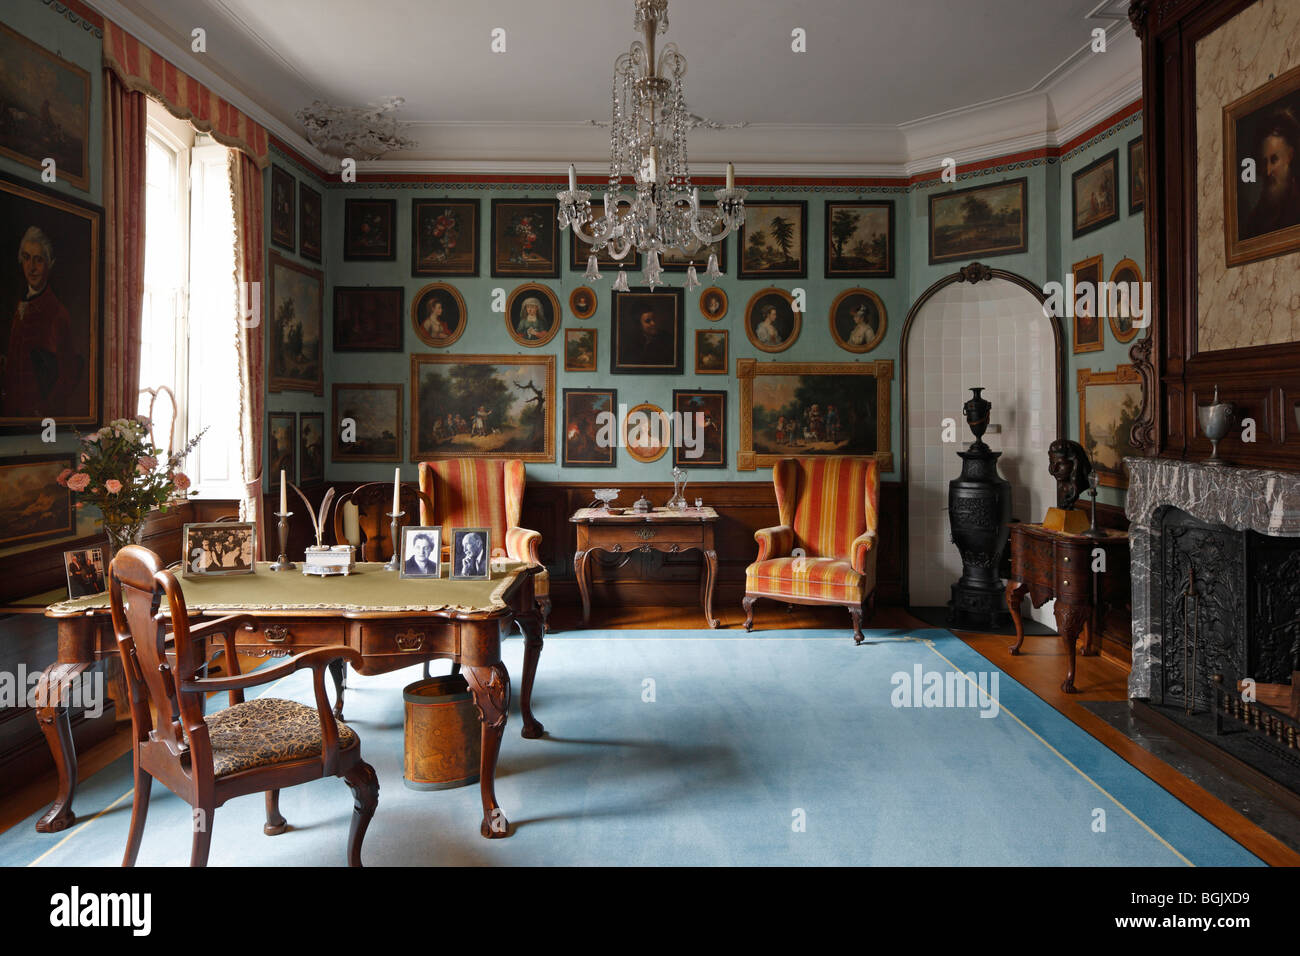 """Monschau, Rotes Haus (Haus Scheibler), Wohnhaus """"Zum goldenen Helm"""", Arbeitsraum mit Trompe-l'œil Malereien - Stock Image"""